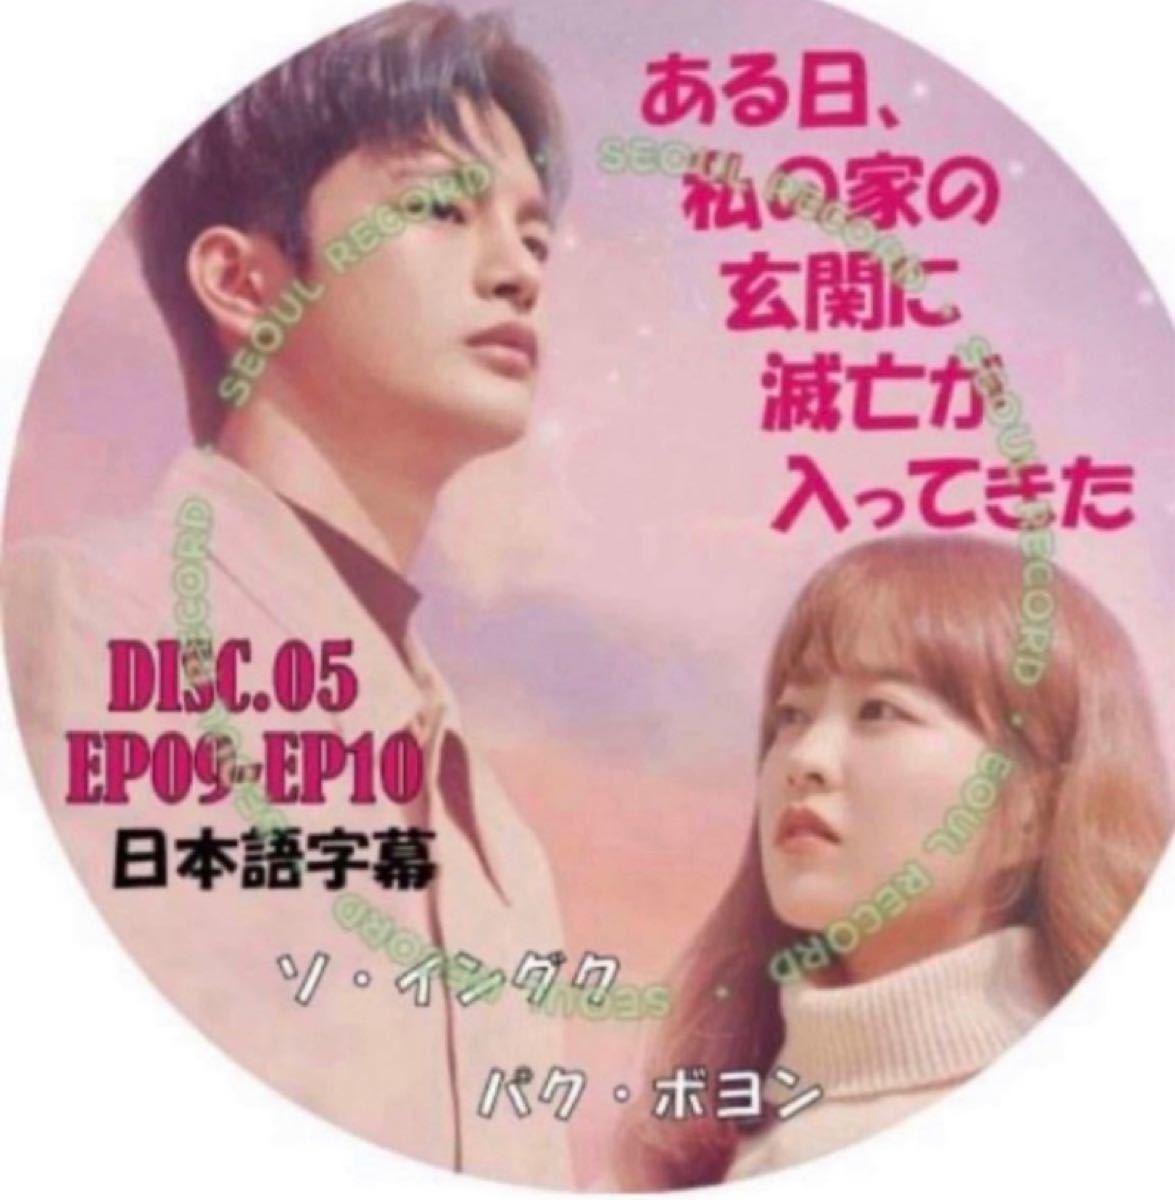 韓国ドラマ ソイングク ある日、私の家の玄に滅亡が入ってきた DISK05(日本語字幕)EP9+10DVDレーベル印刷付